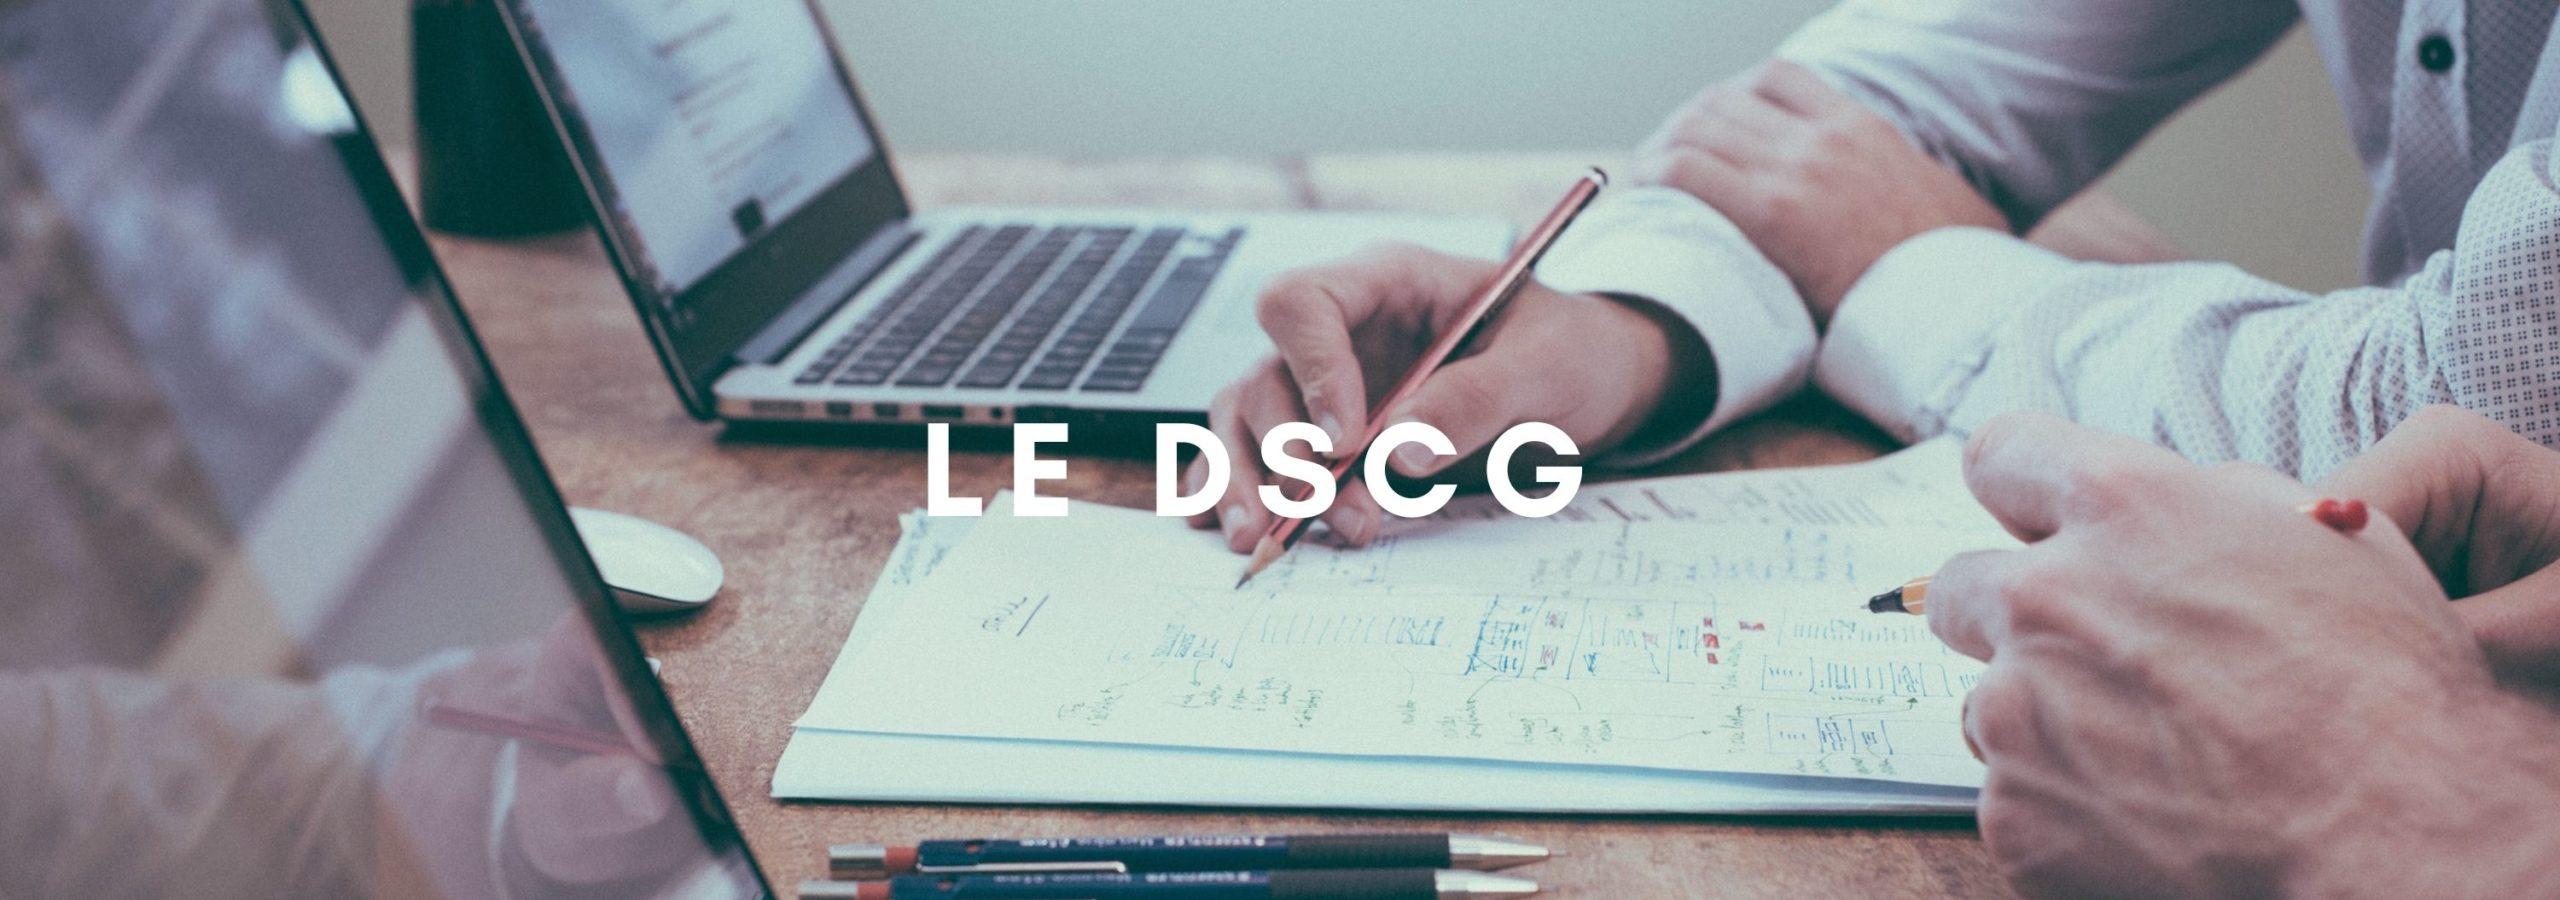 Le DSCG